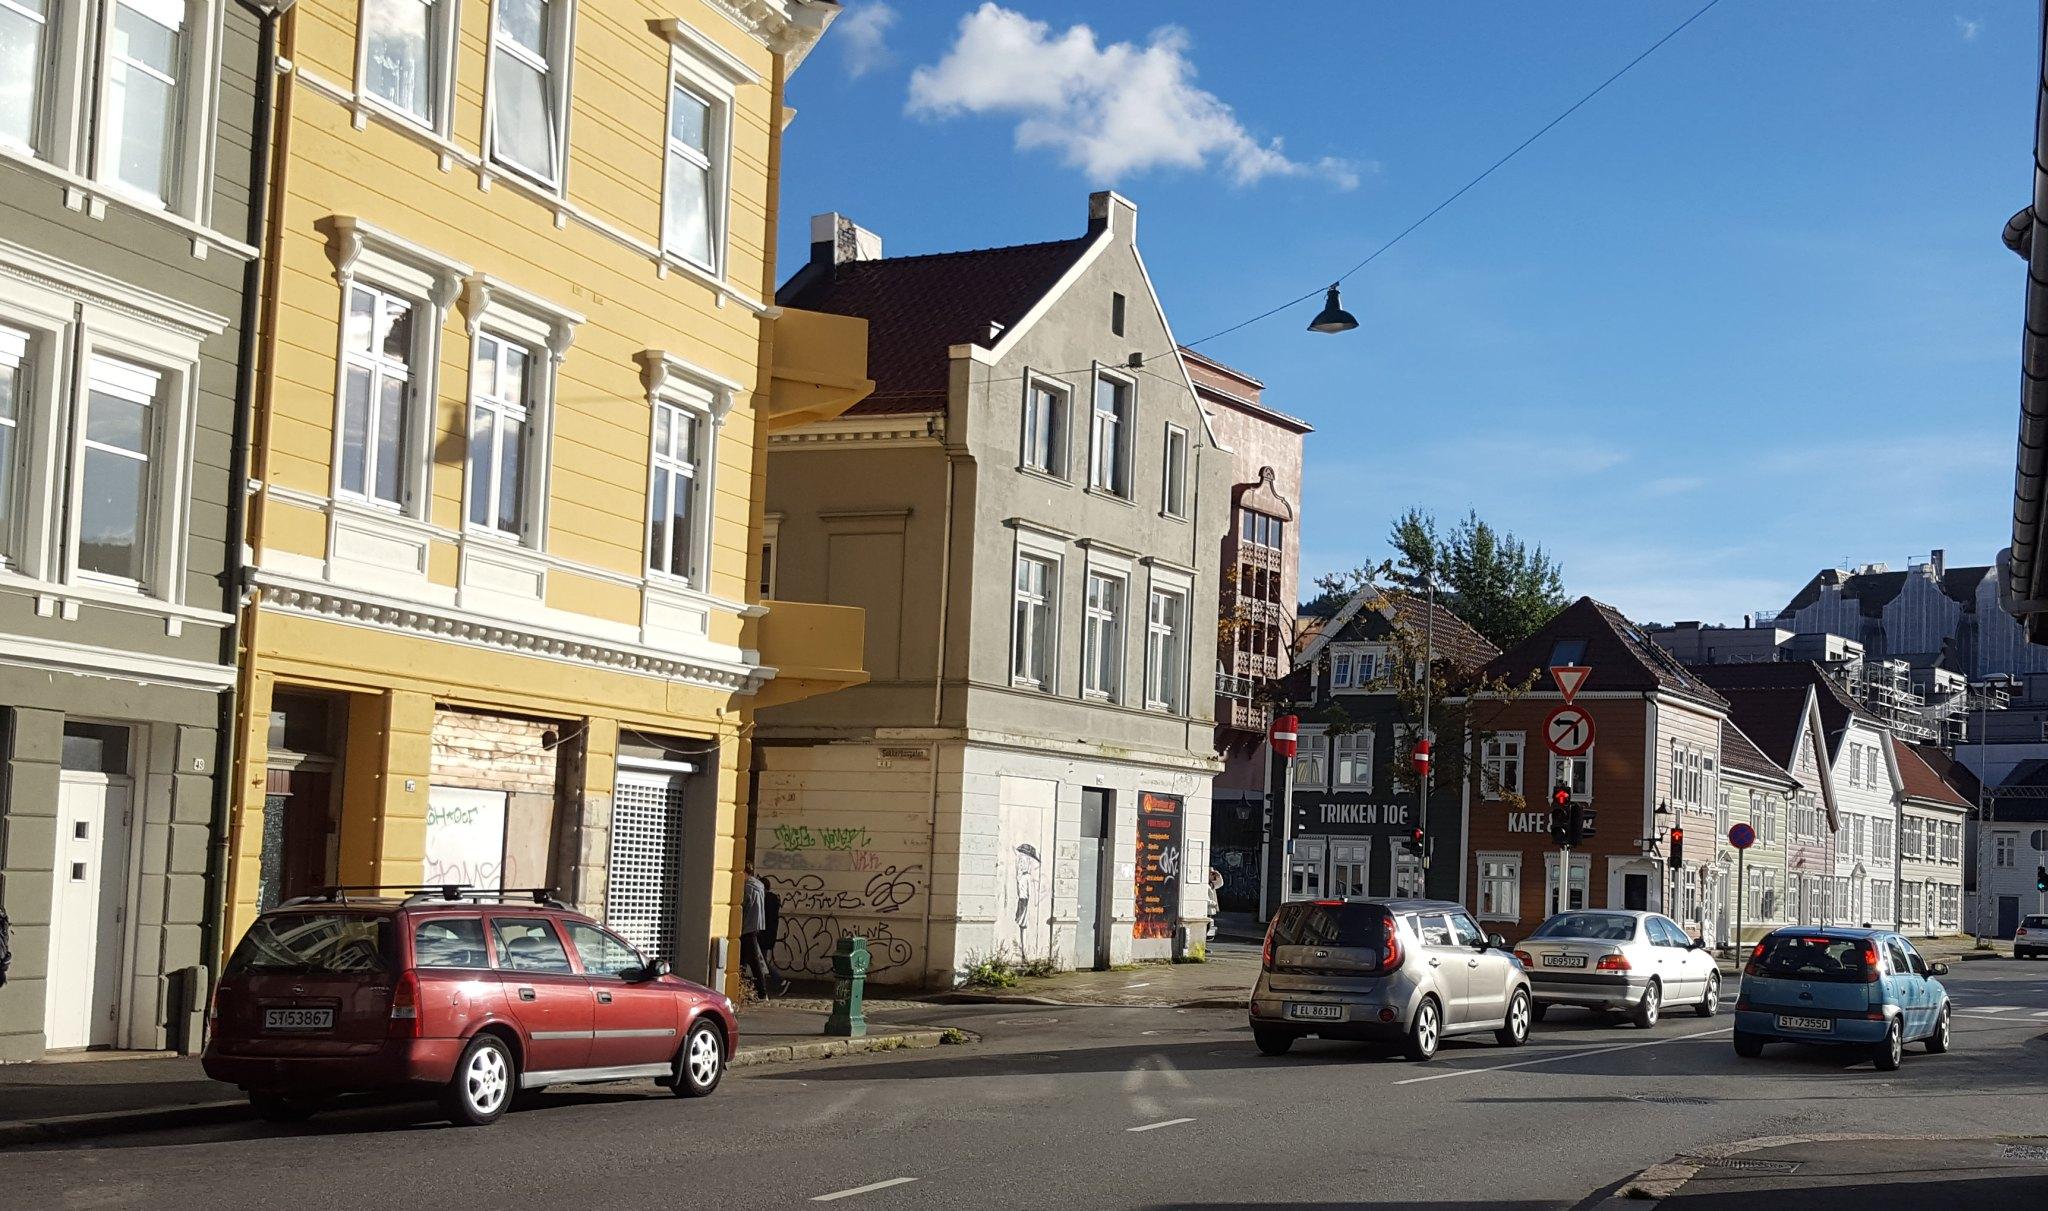 Det var i dette området mannen falt fra et hus. Foto: Eva Johansen